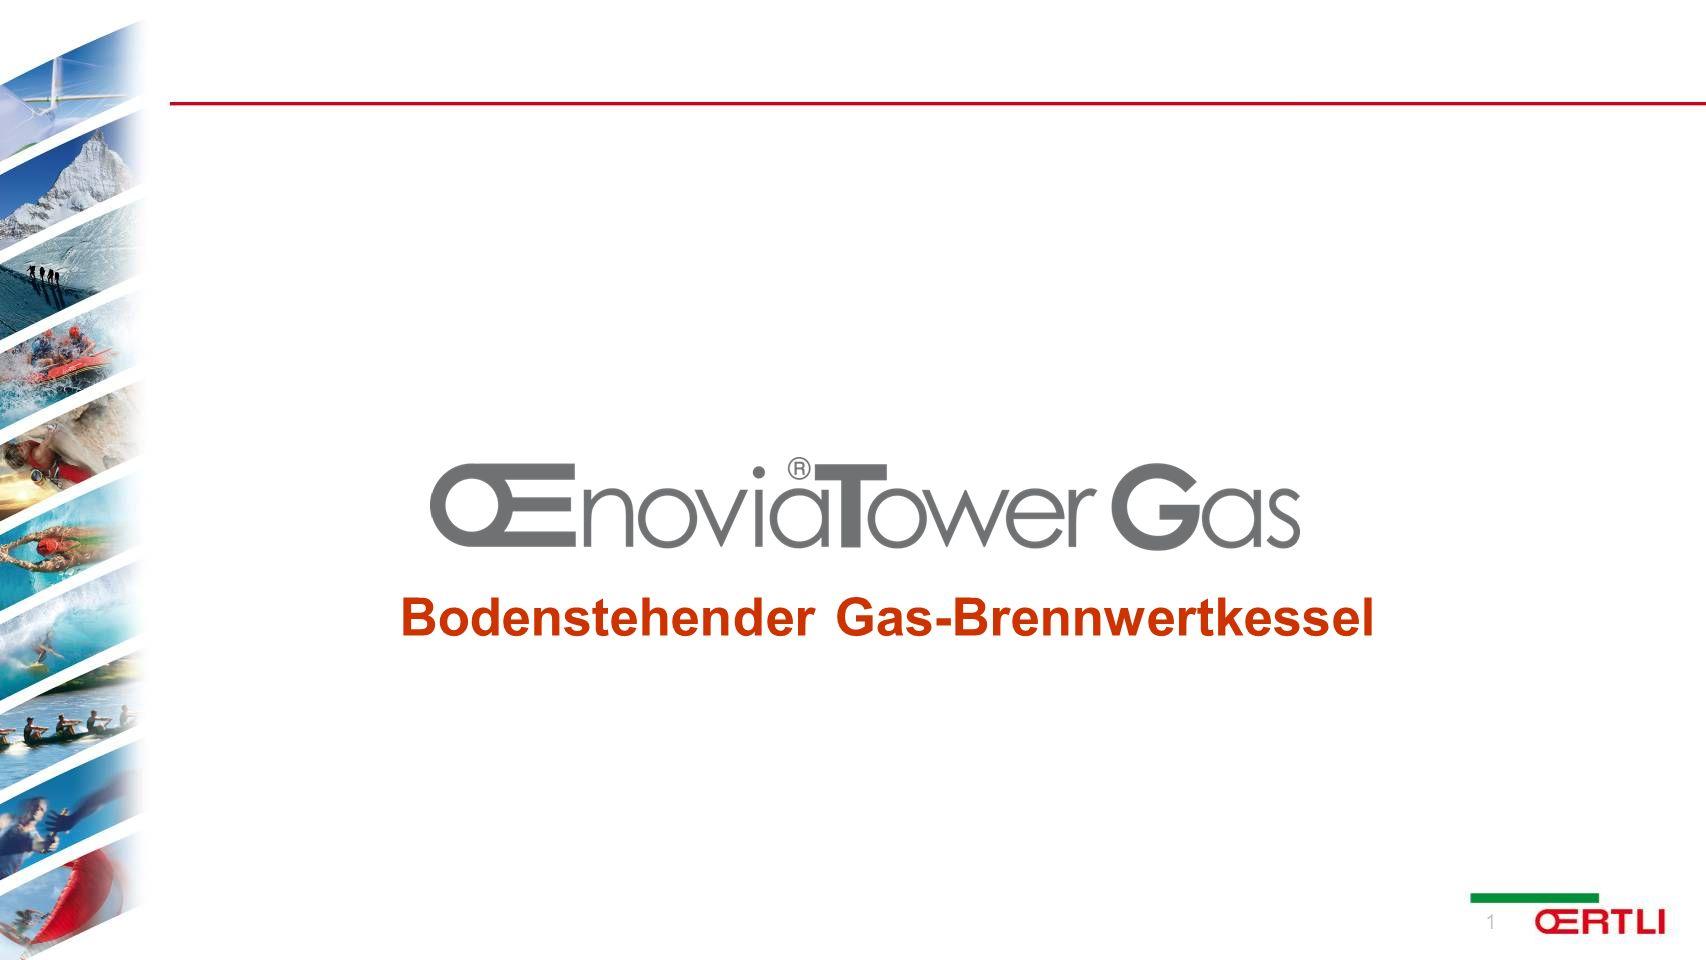 Bodenstehender Gas-Brennwertkessel